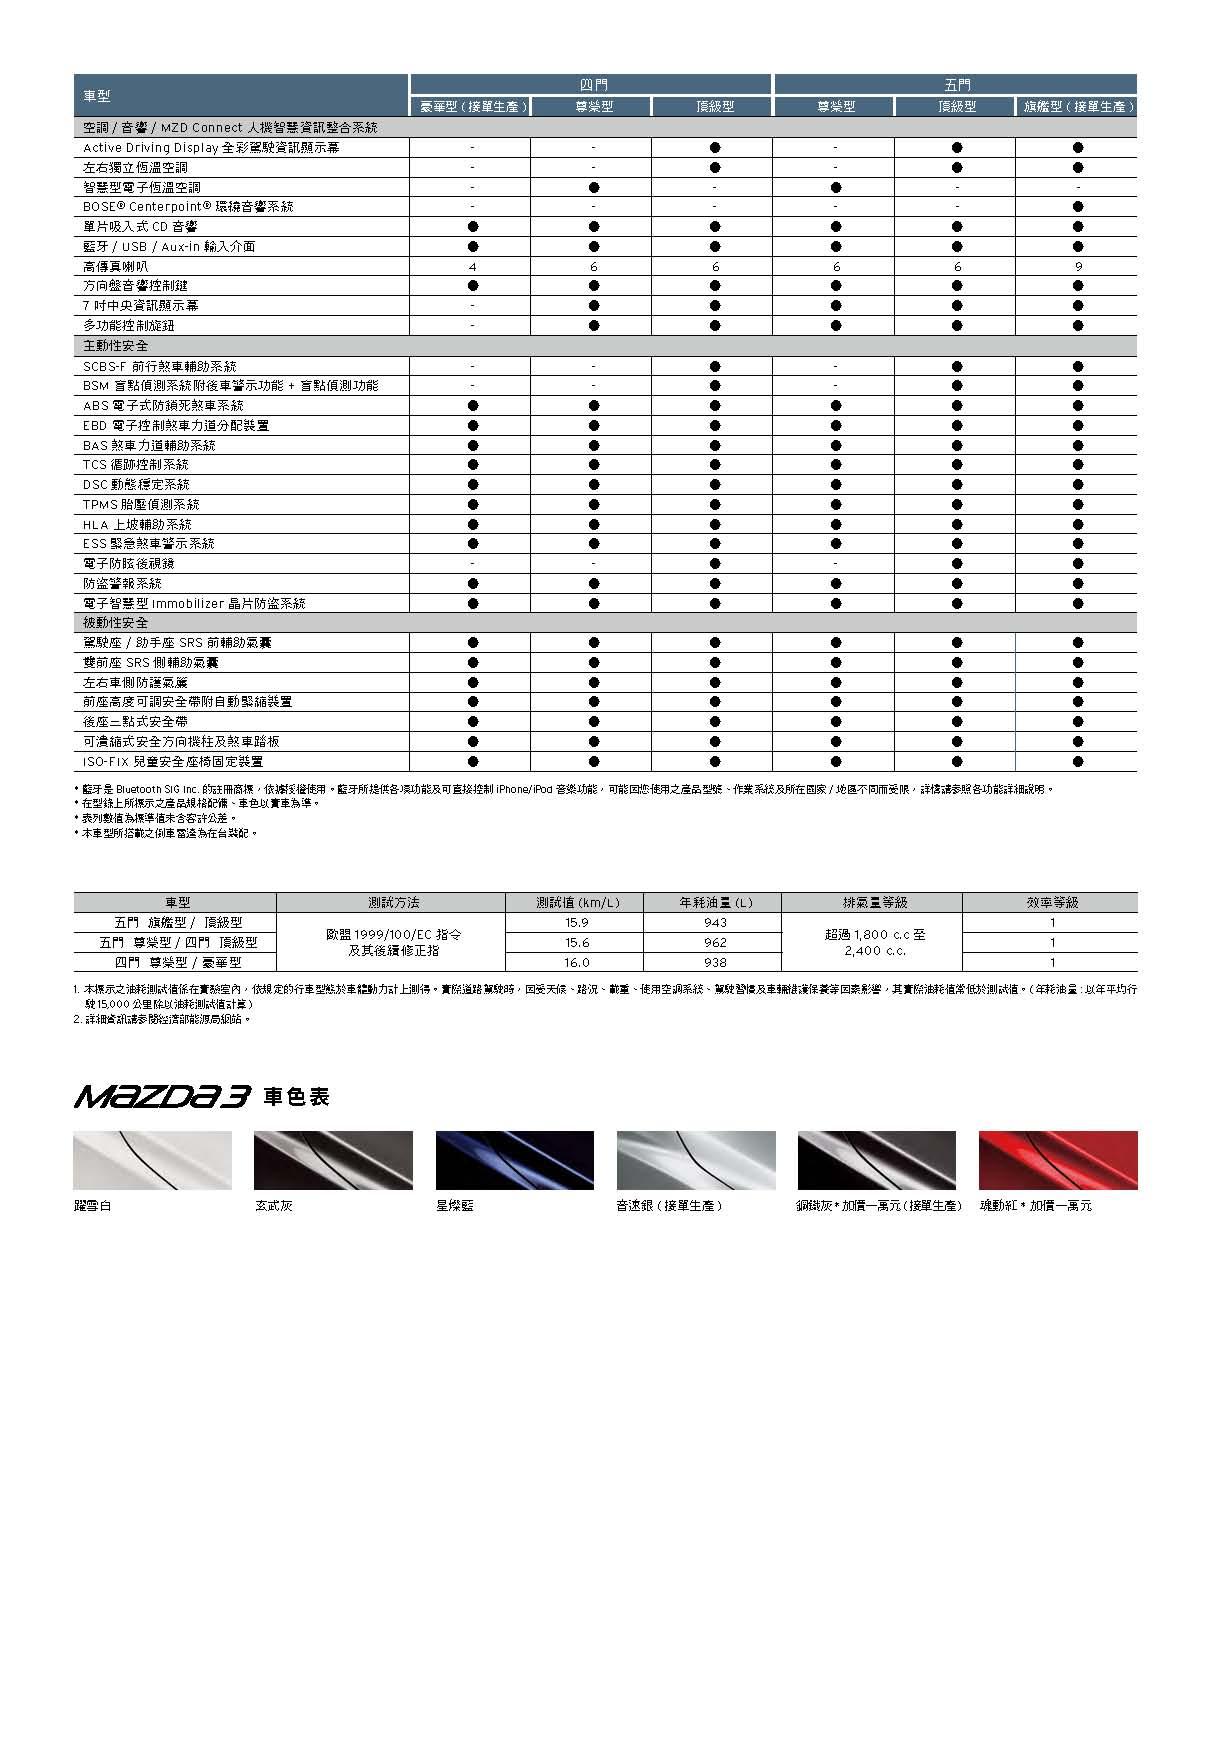 Mazda 3規配表_頁面_2